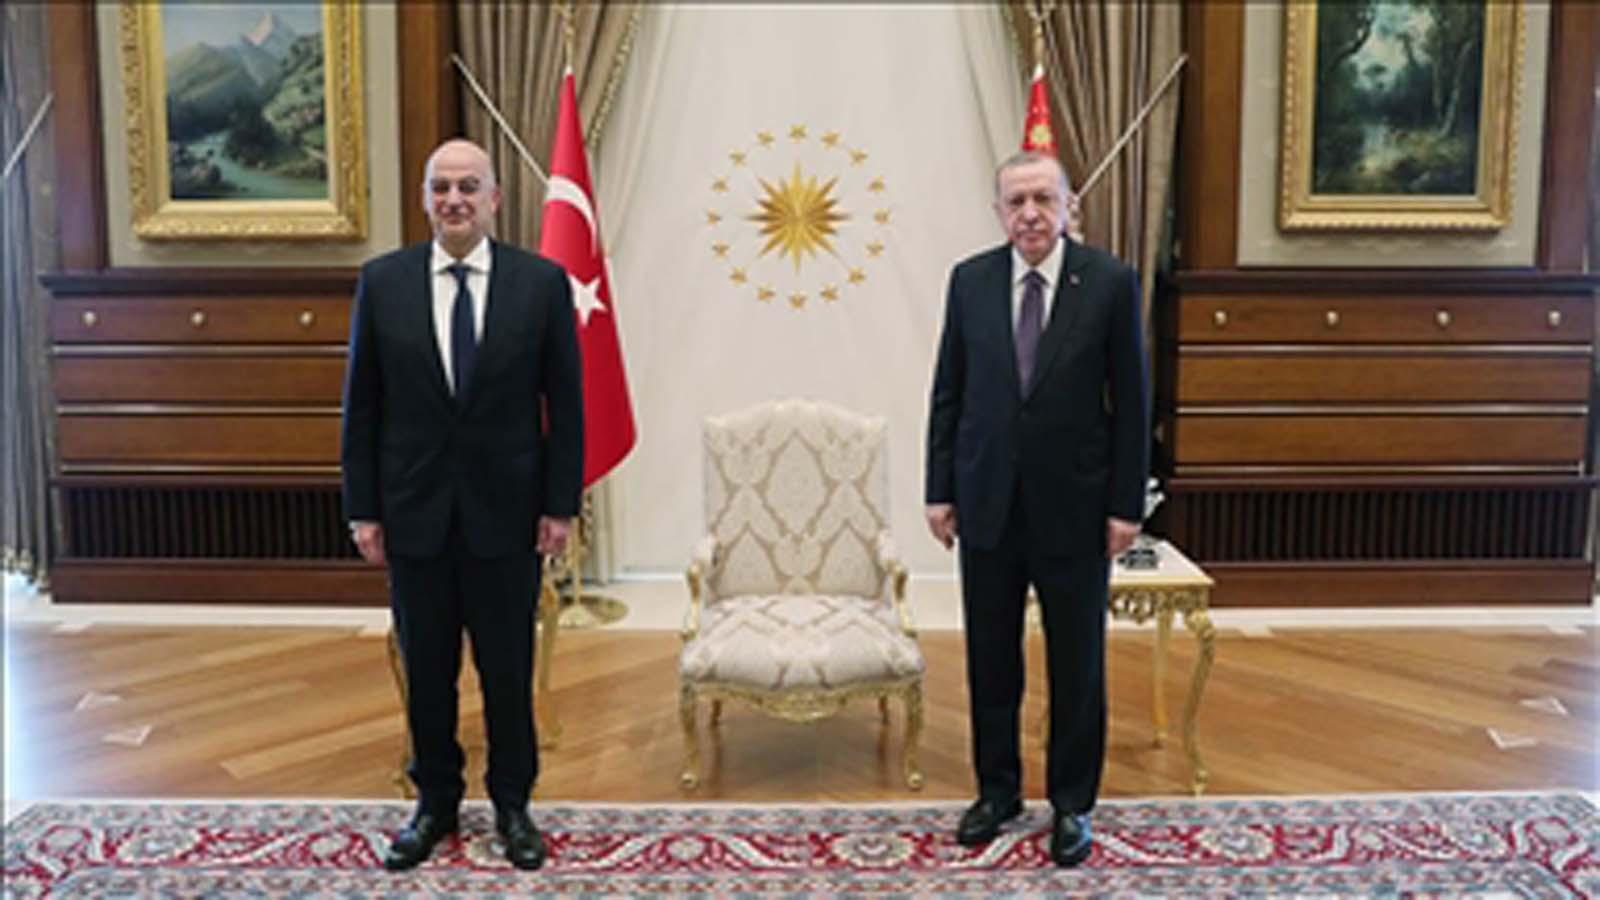 Yunanistan Dışişleri Bakanı Dendias'tan Erdoğan'a övgü dolu sözler: Hayatında çok şeyi başarmış önemli bir lider